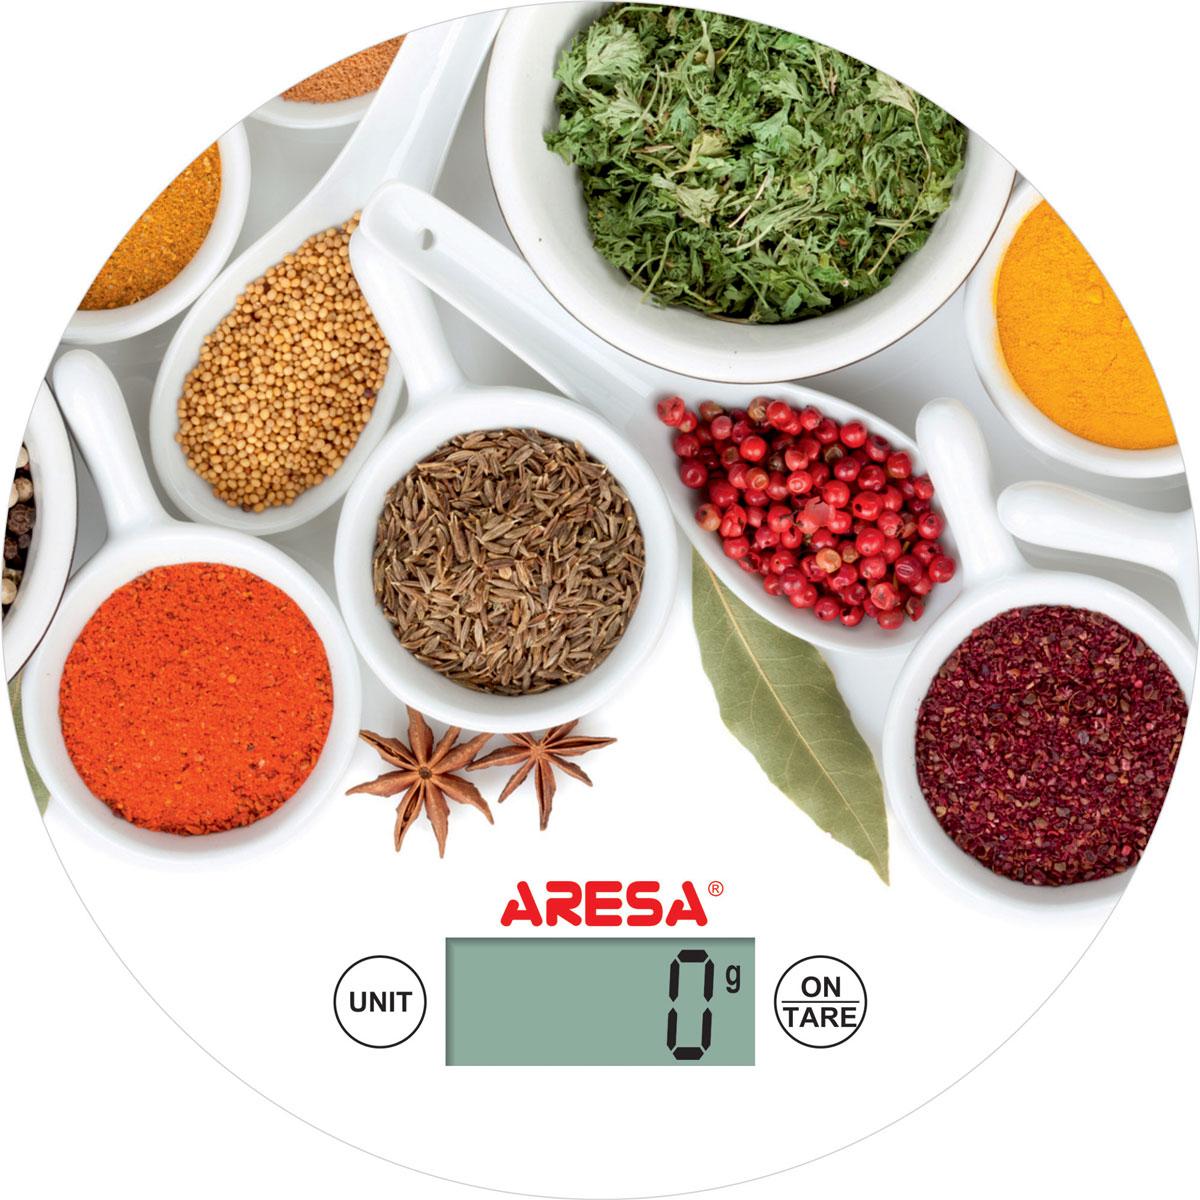 Aresa SK-415 кухонные весыSK-415_белый, специиКухонные электронные весы Aresa SK-415 на двухпозиционном тензоэлектрическом датчике - незаменимые помощники современной хозяйки. Они помогут точно взвесить любые продукты и ингредиенты. Кроме того, позволят людям, соблюдающим диету, контролировать количество съедаемой пищи и размеры порций. Предназначены для взвешивания продуктов с точностью измерения 1 грамм.Минимальная нагрузка: 5 г